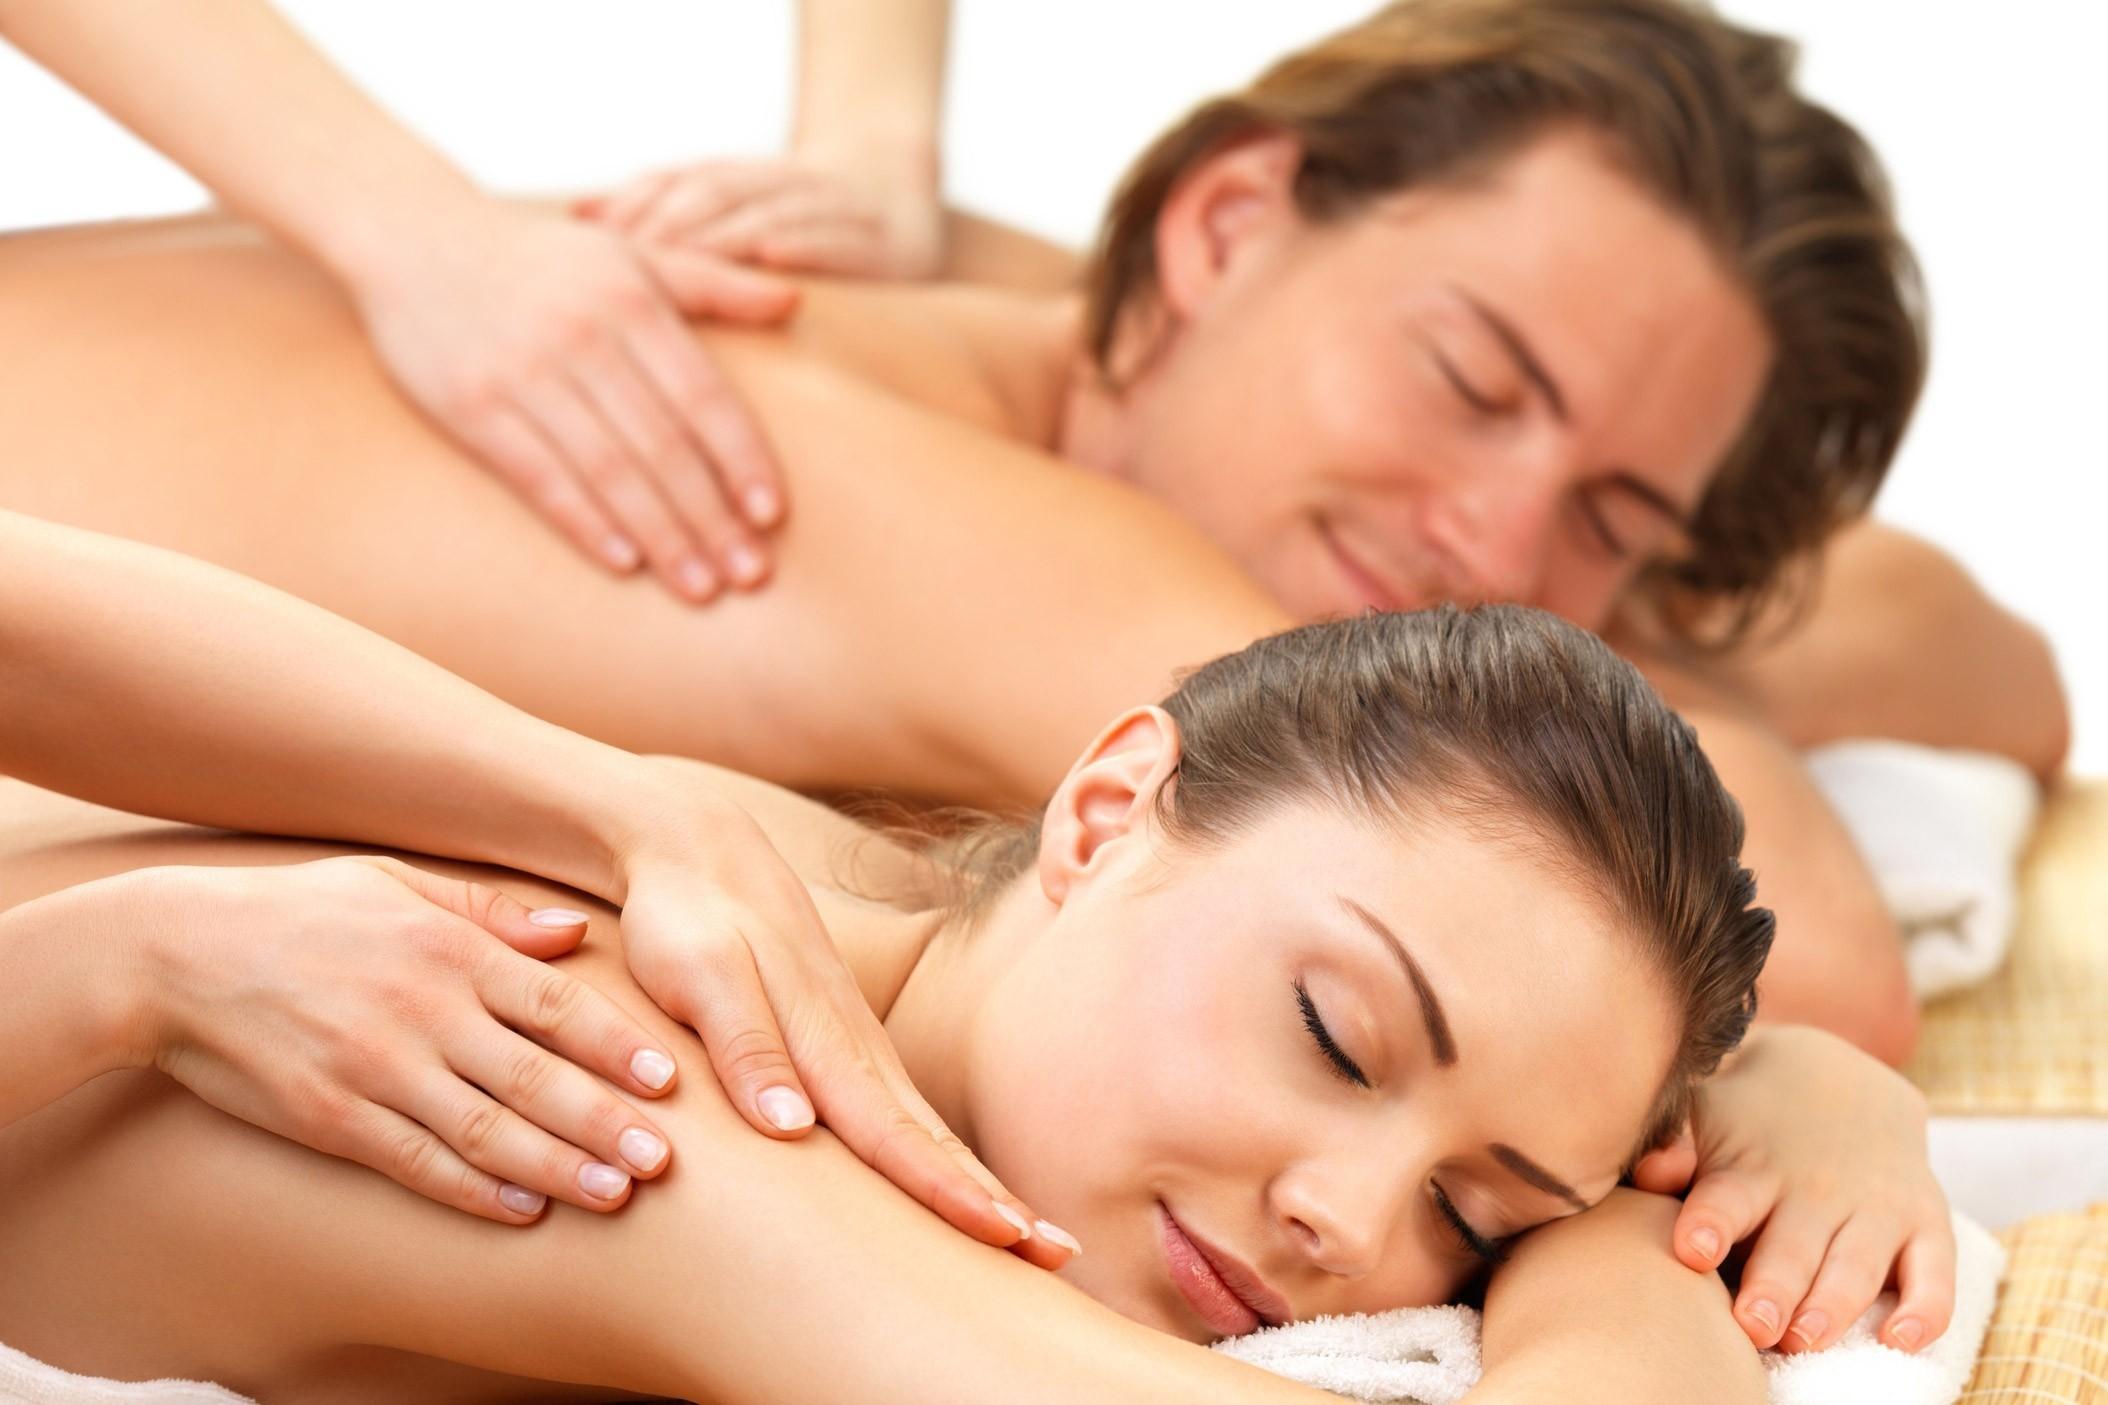 Massaggio di coppia da 45 minuti presso l'Estetica San Lorenzo nella centralissima via San Lorenzo!